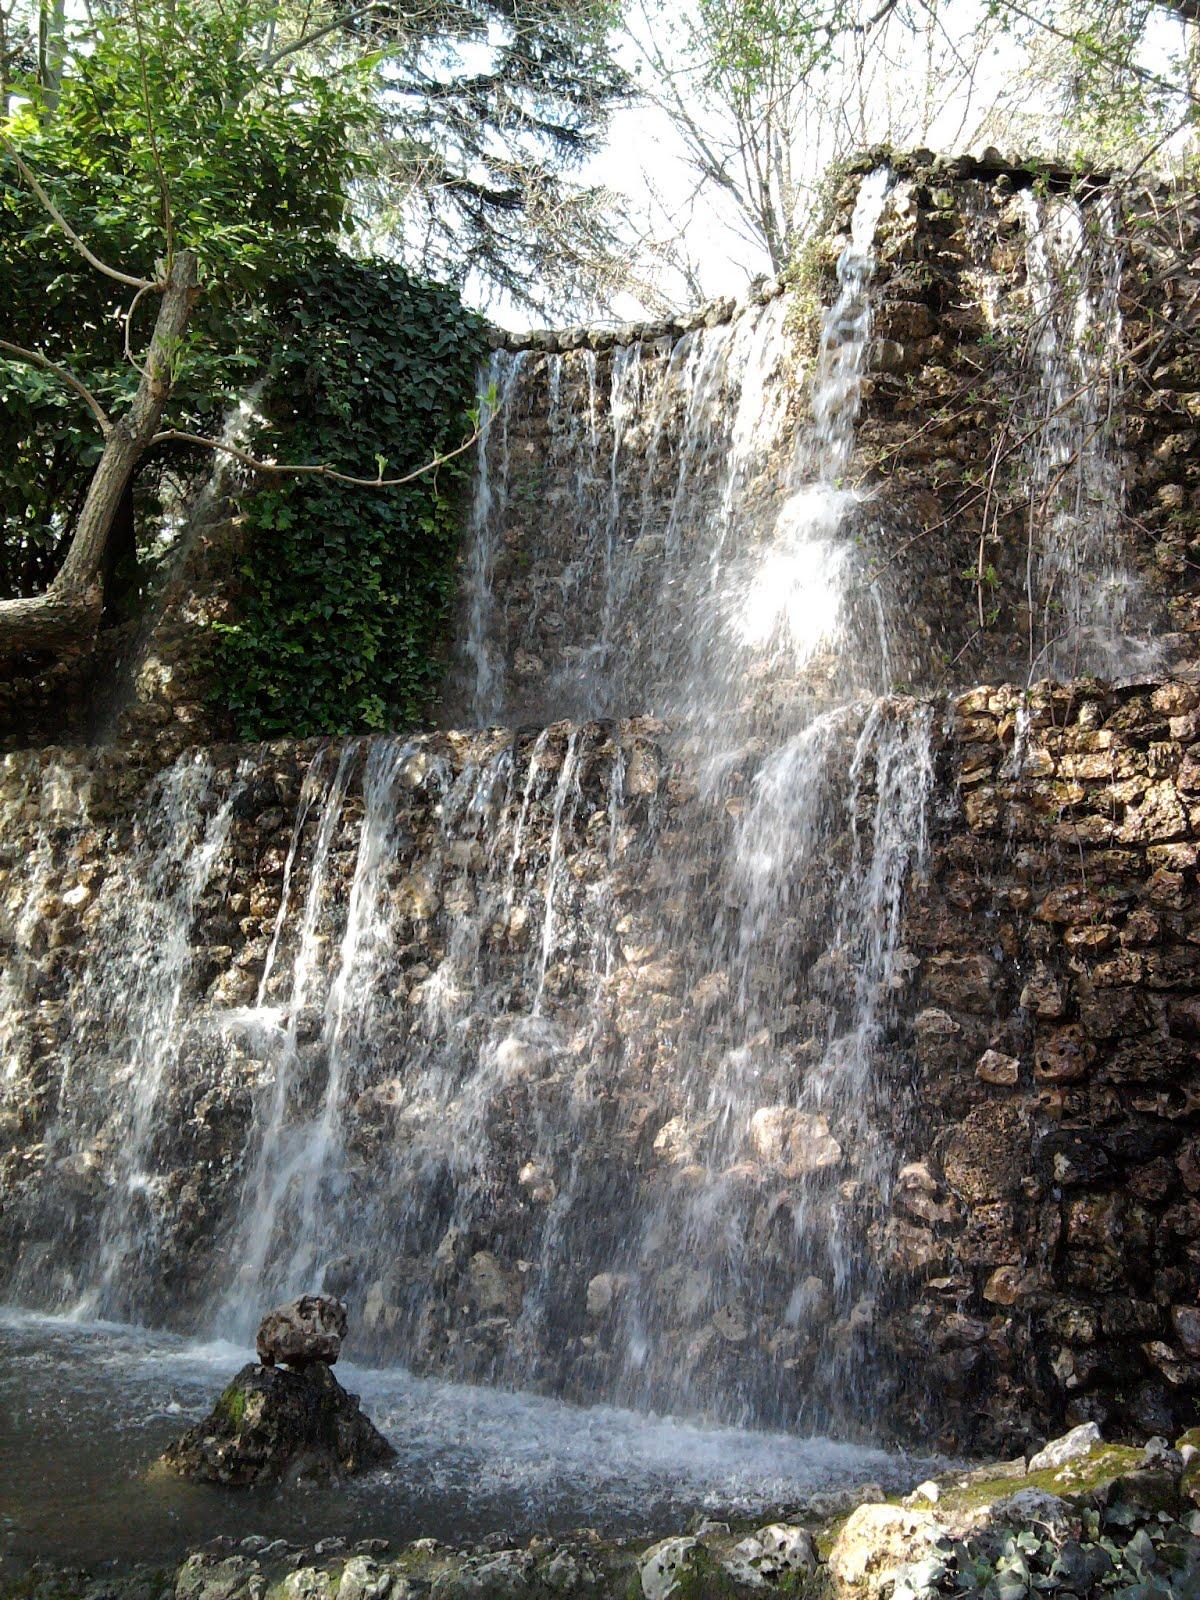 Visiones desde madrid la cascada del parque de la quinta for Piscina fuente del berro